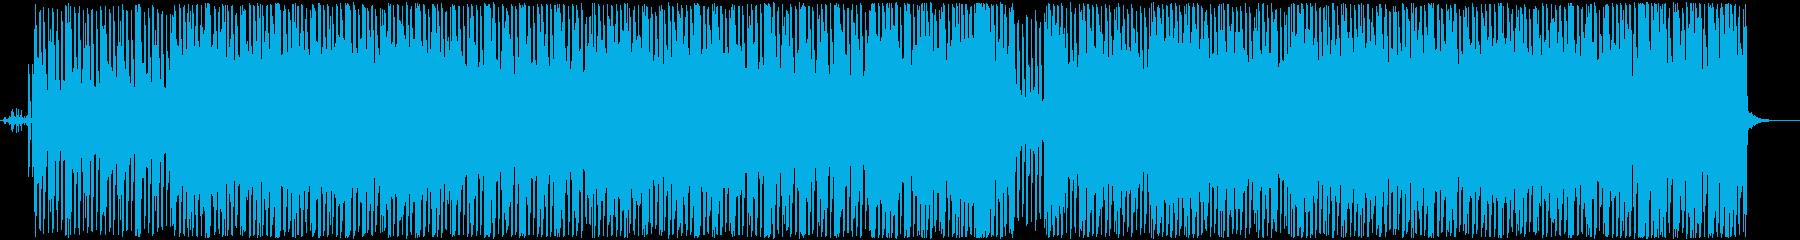 メロウなシンセベースのLo-Fiの再生済みの波形